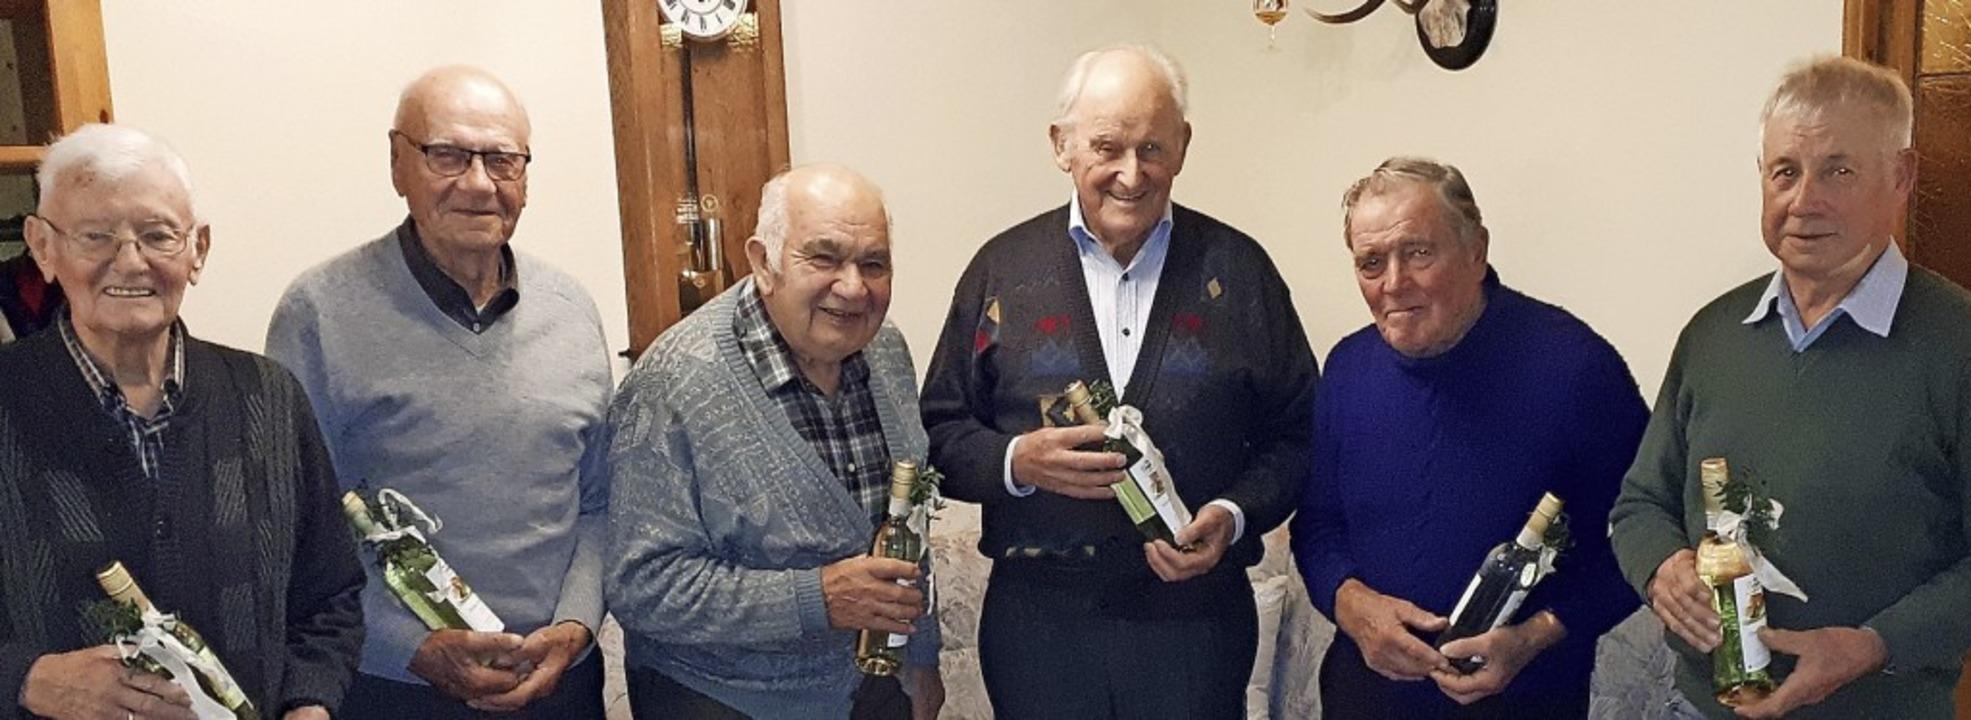 Zahlreiche langjährigen Mitglieder wurden geehrt.   | Foto: Privat